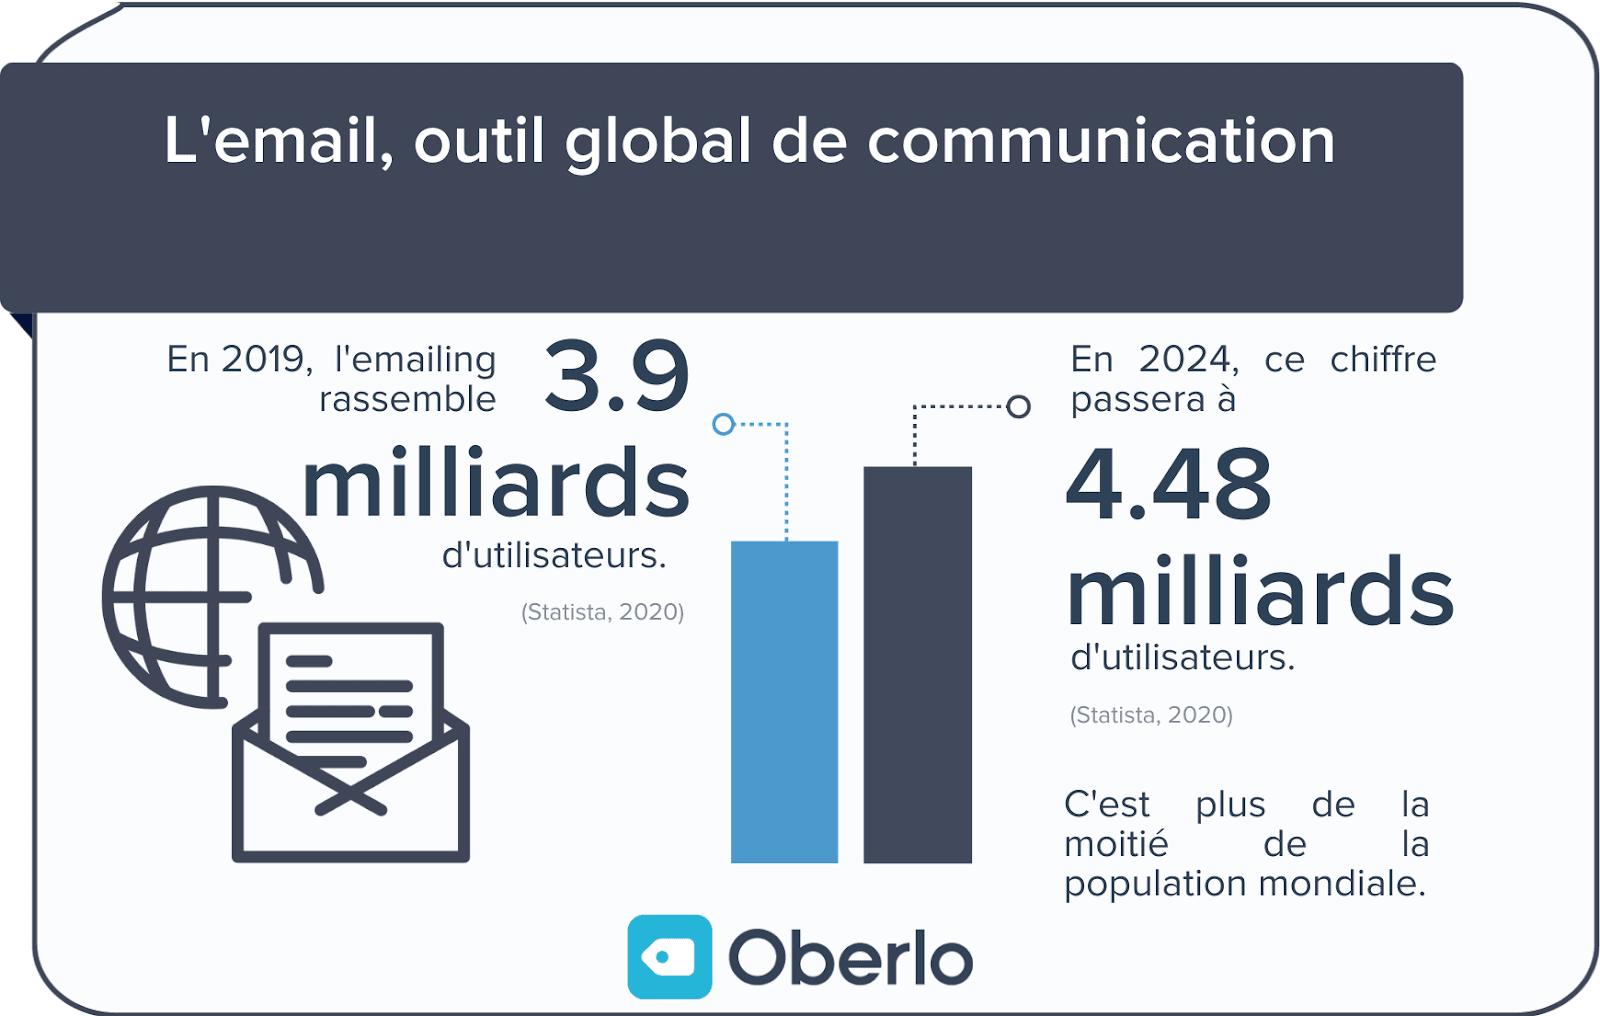 Statistiques email marketing en 2020 : les chiffres à connaître ...